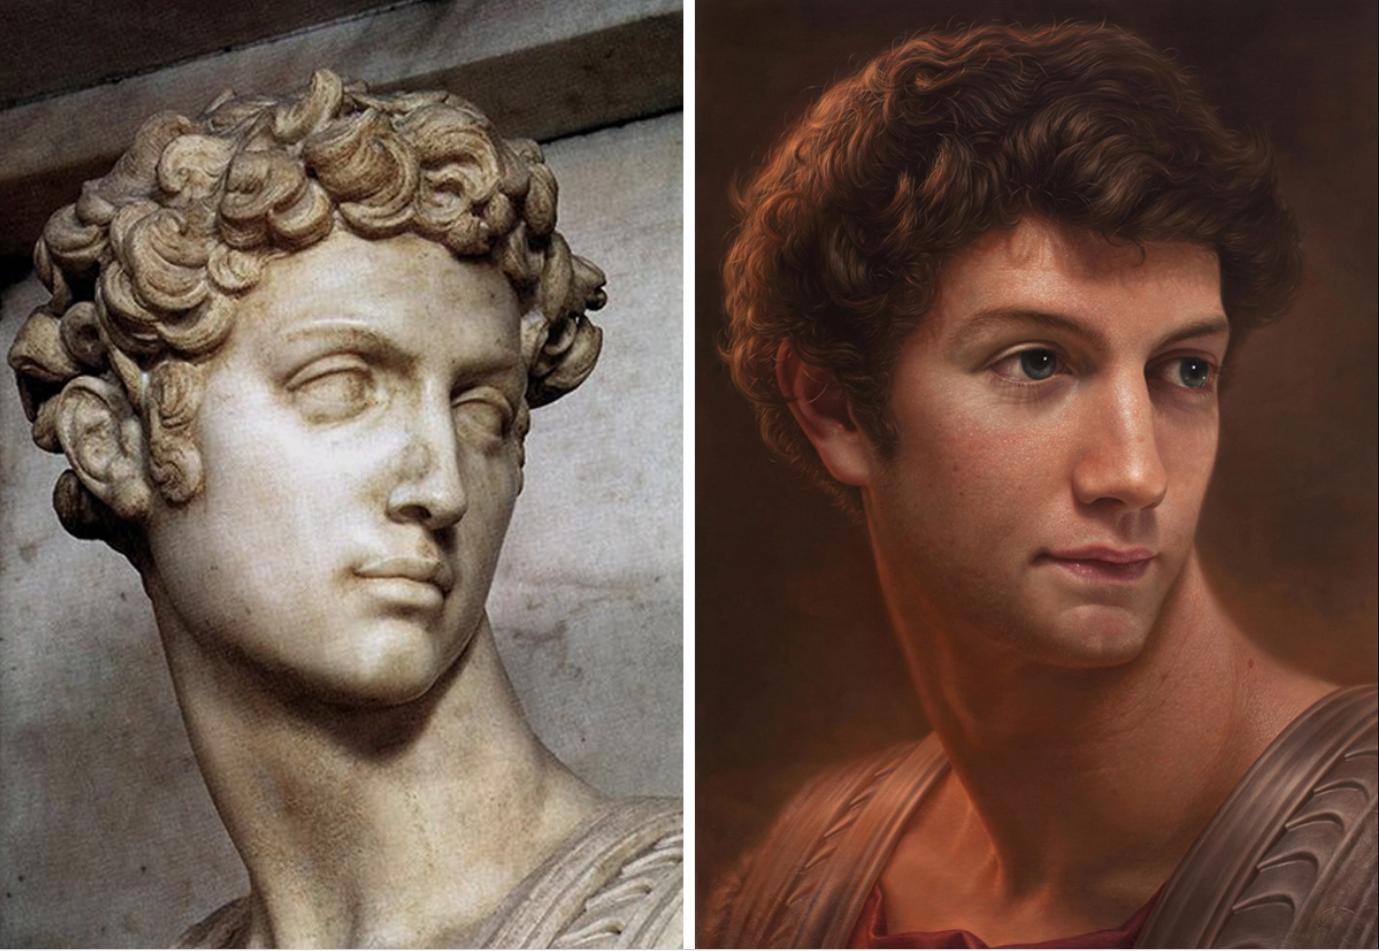 Chiêm ngưỡng những chân dung nổi tiếng được vẽ lại bằng phong cách cực thực (hyperrealistic) - 11